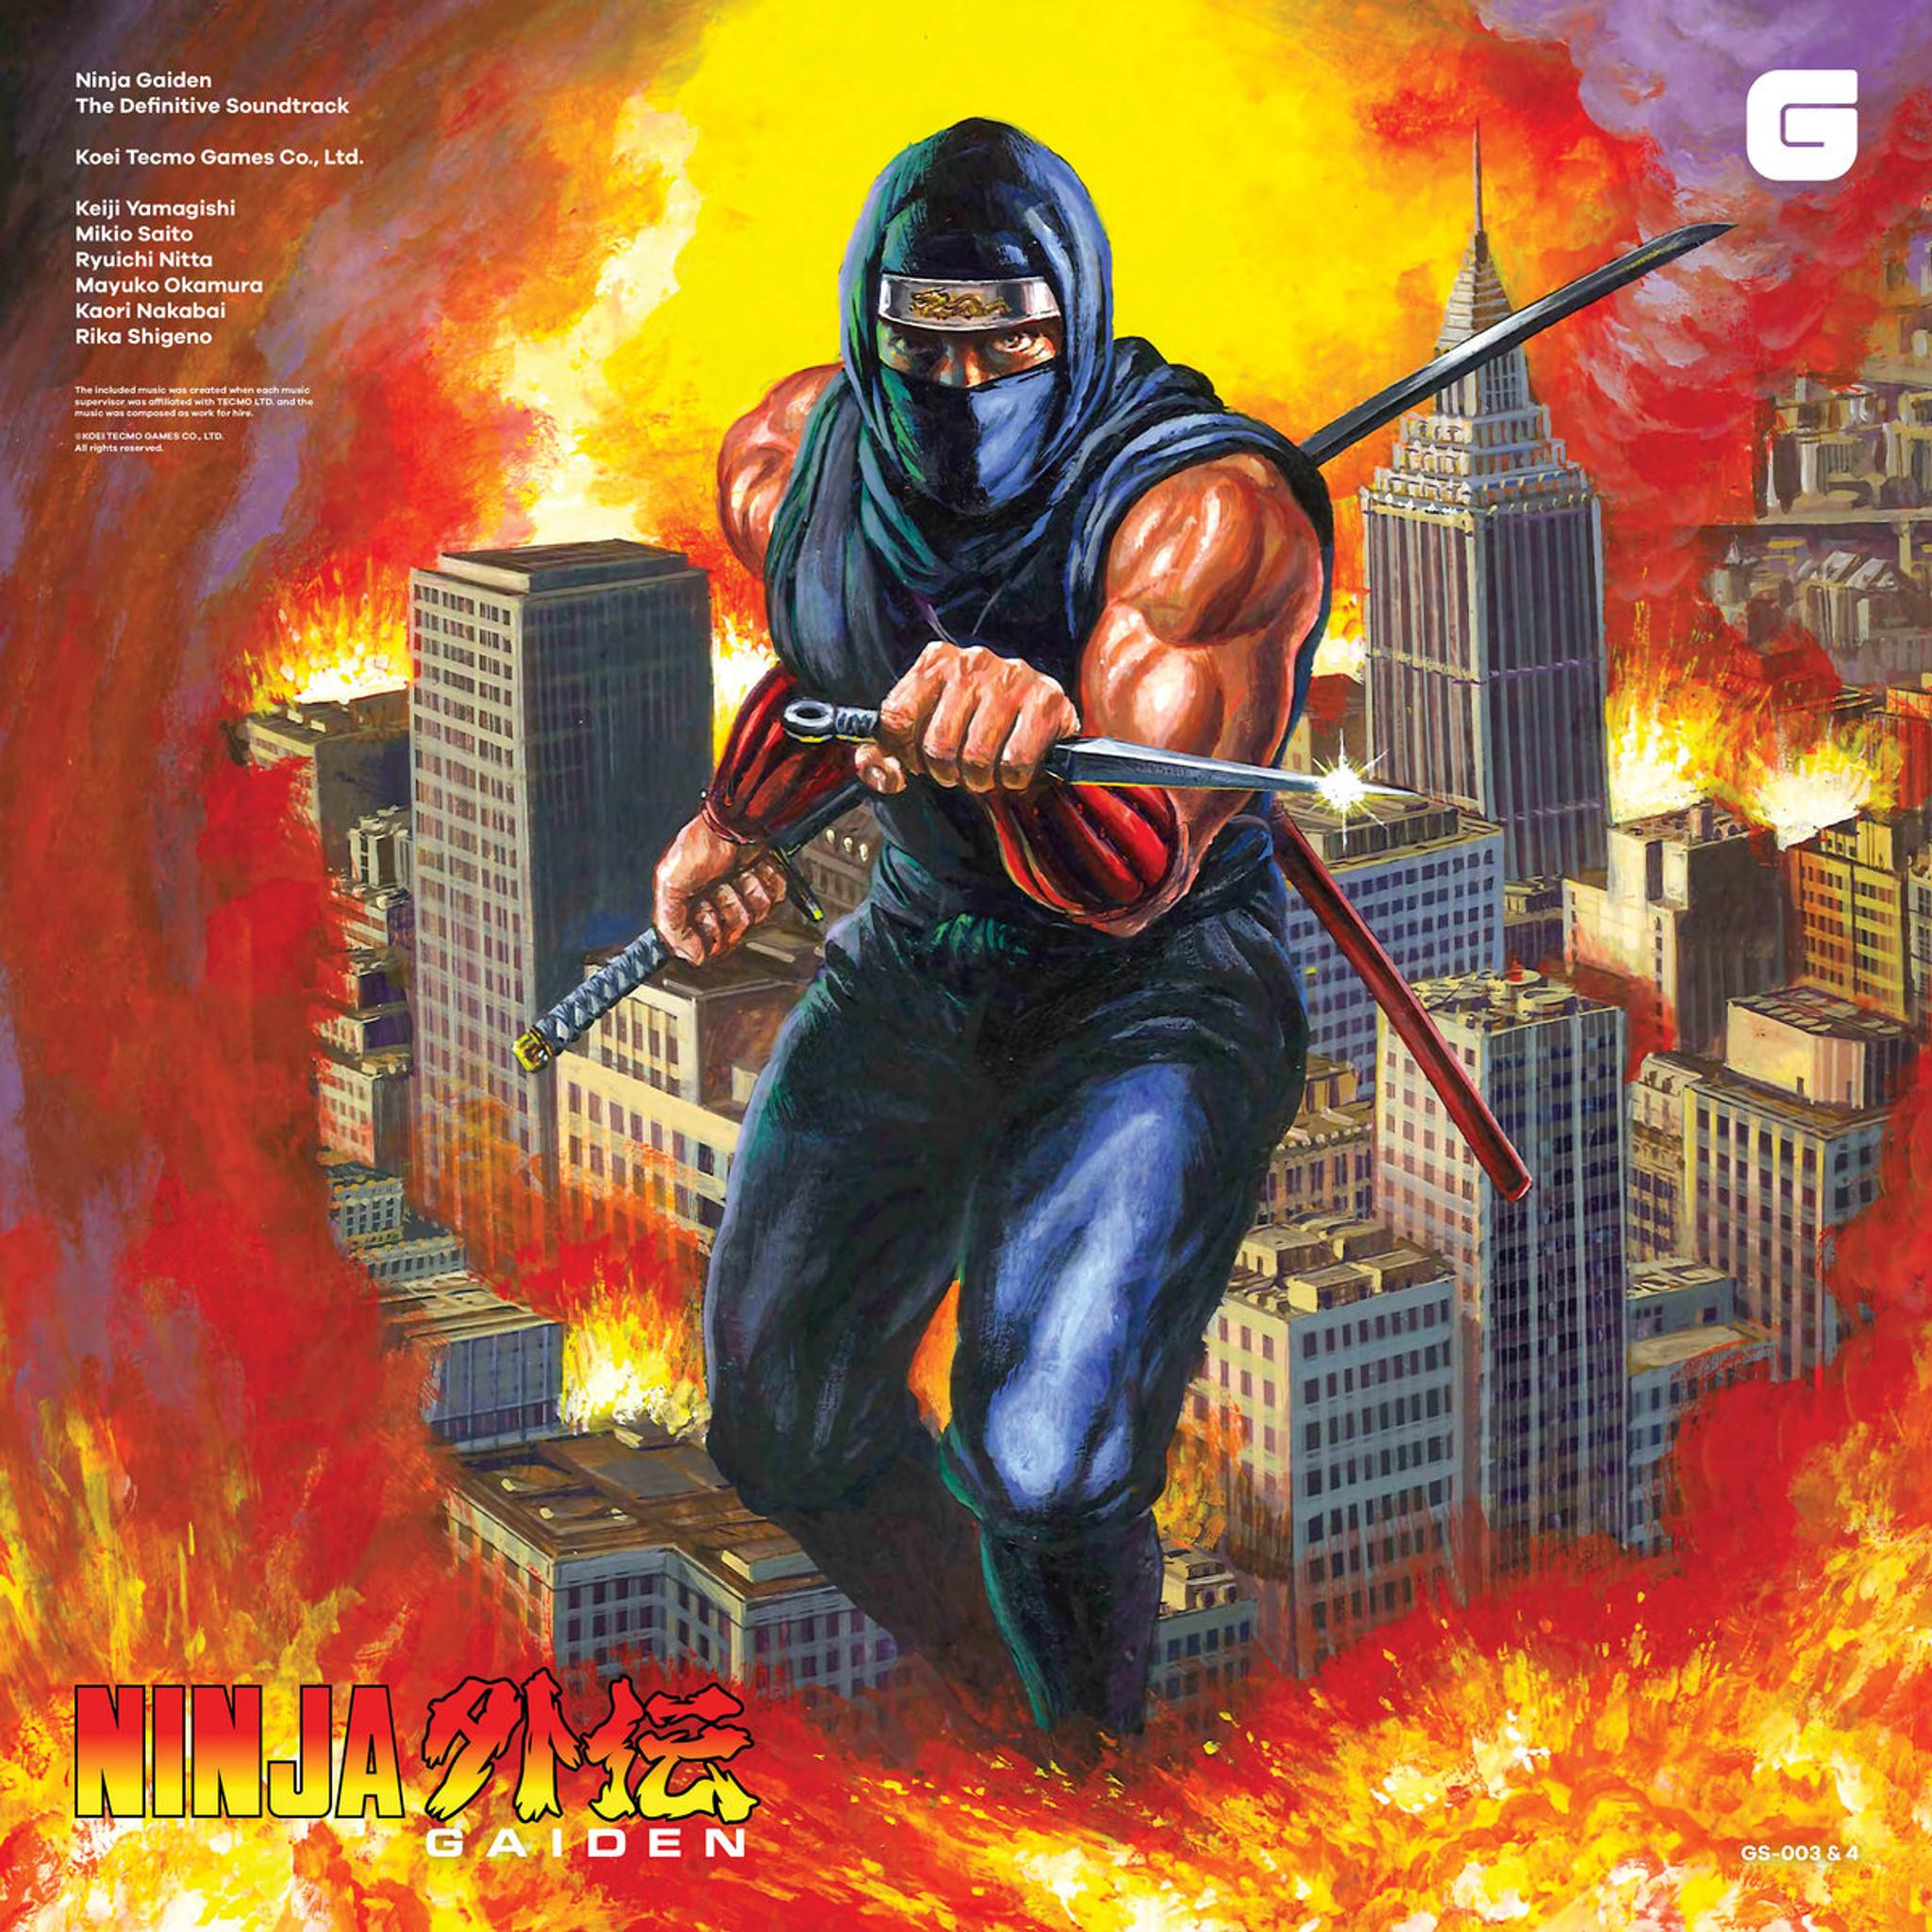 V A Ninja Gaiden The Definitive Soundtrack Vol 1 2 4lp Boxset